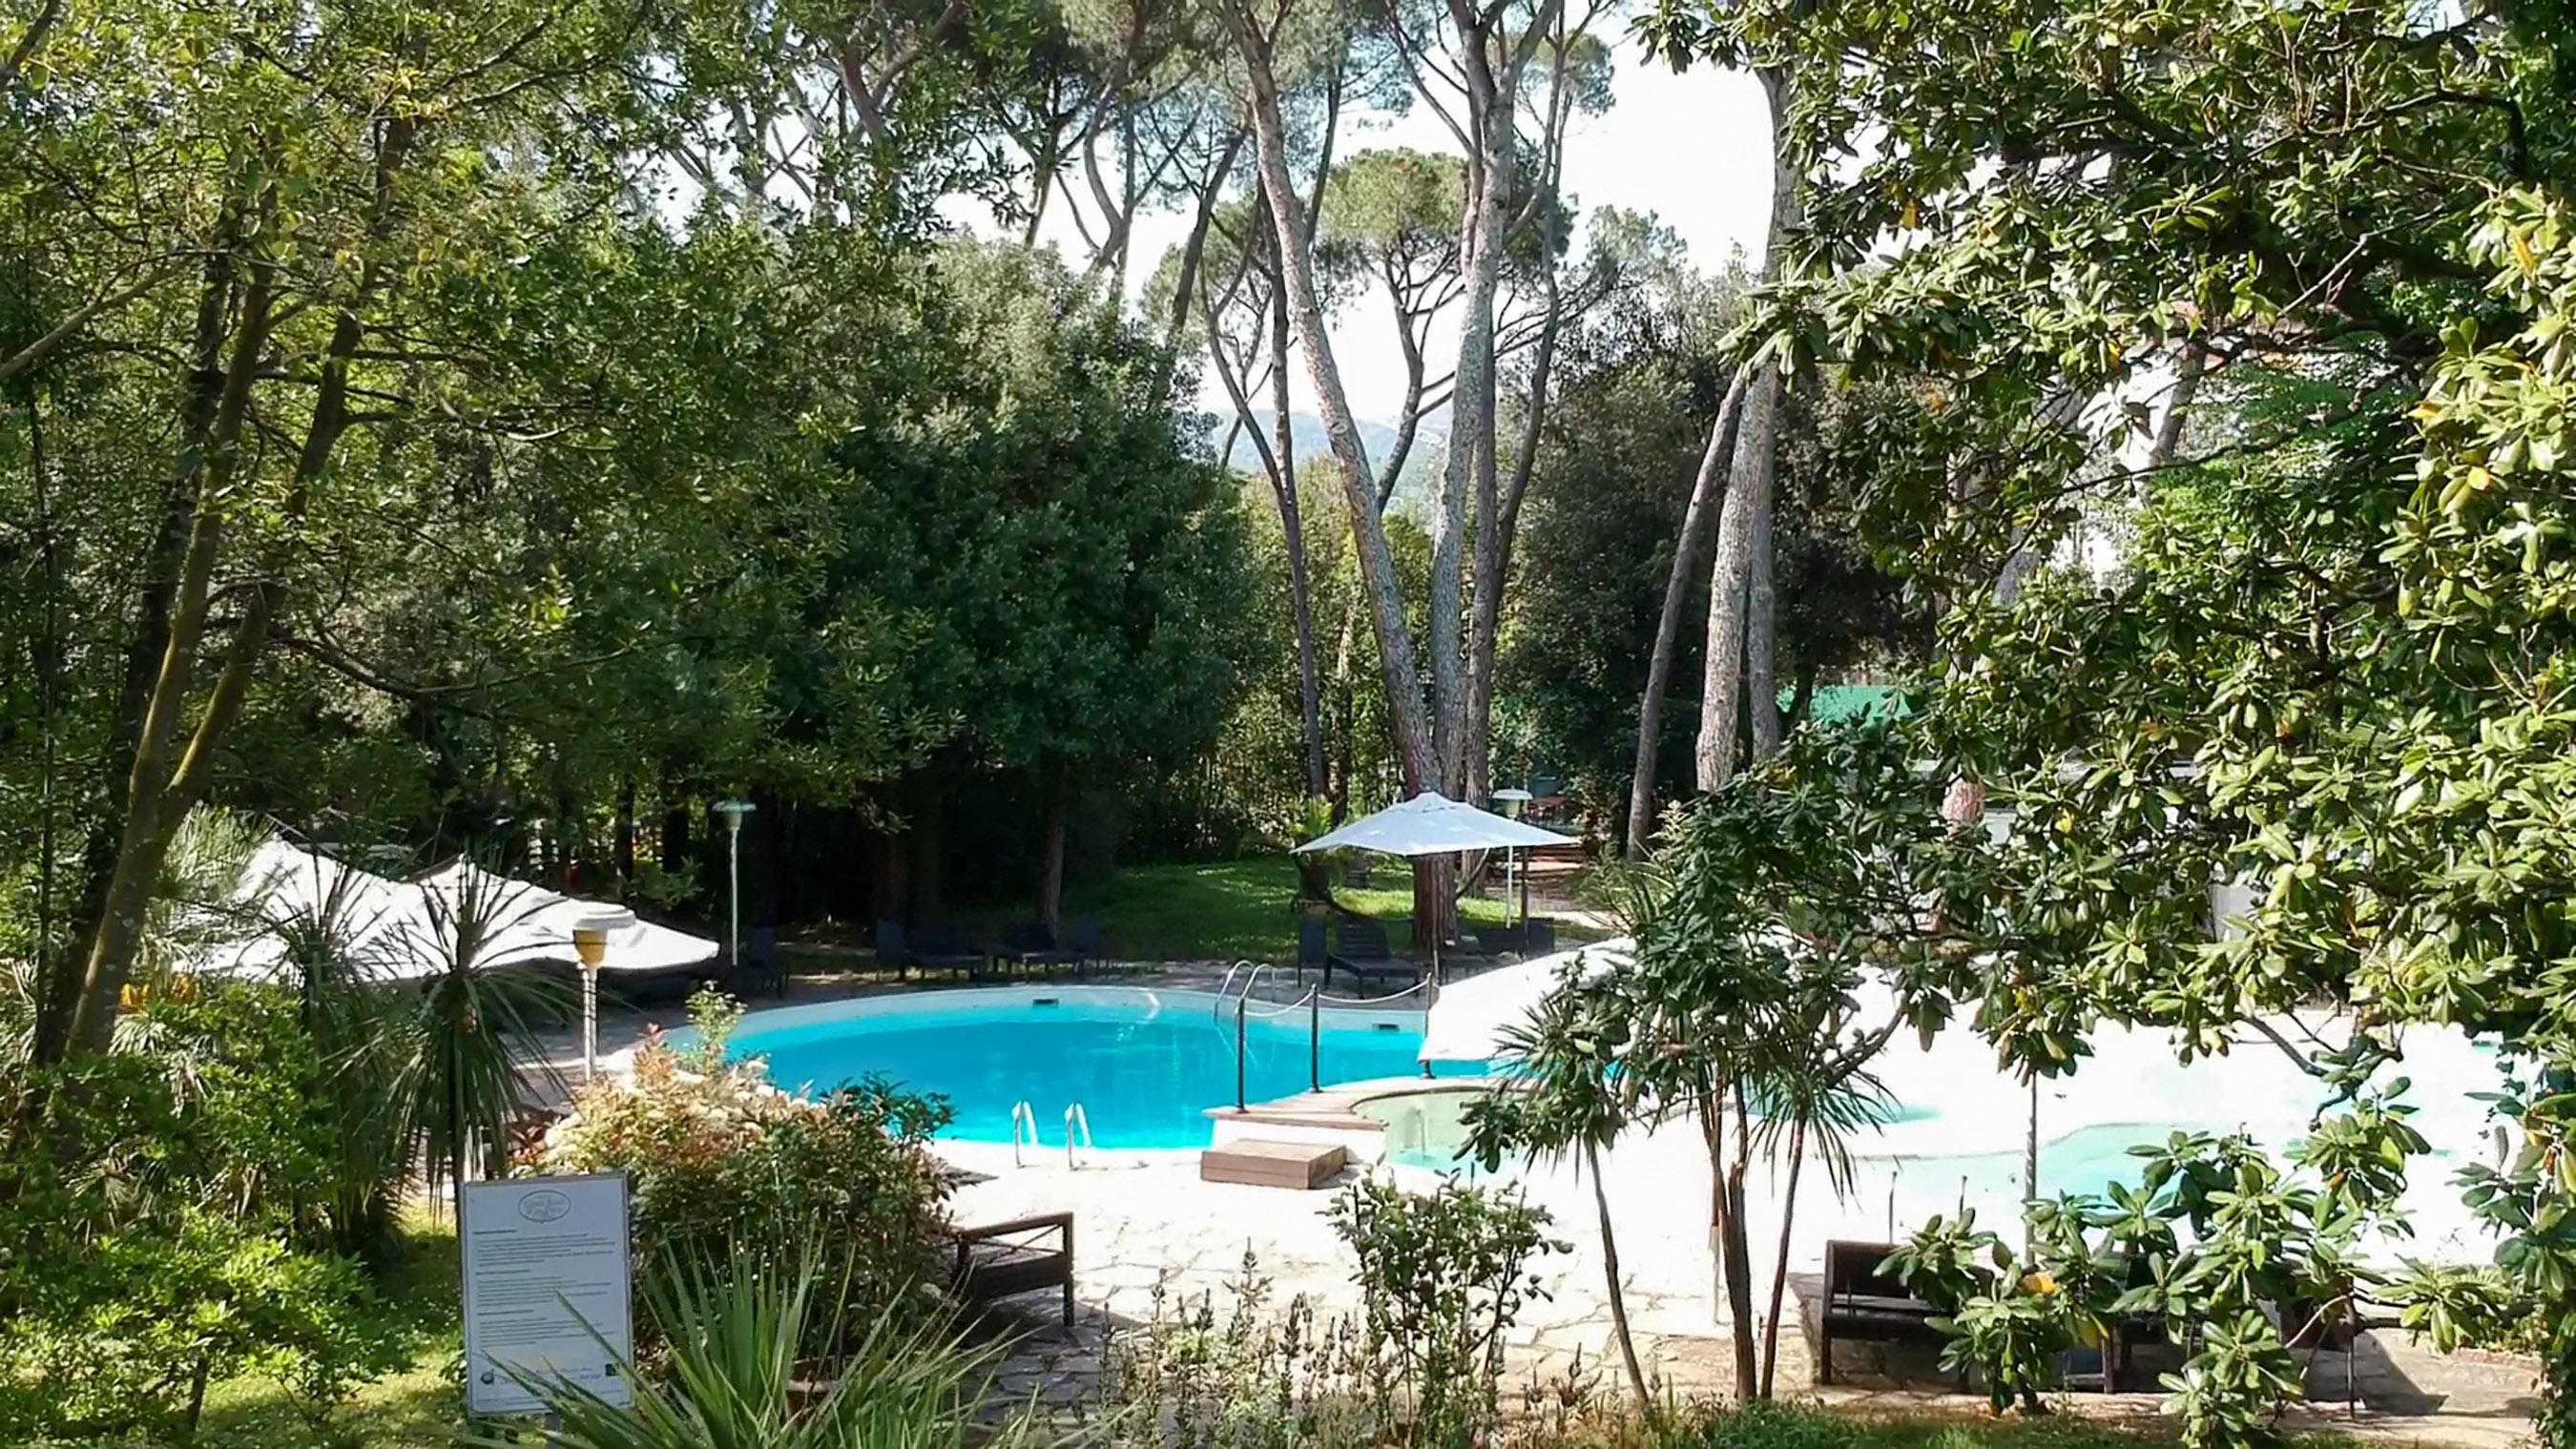 hotel piscina montecatini terme